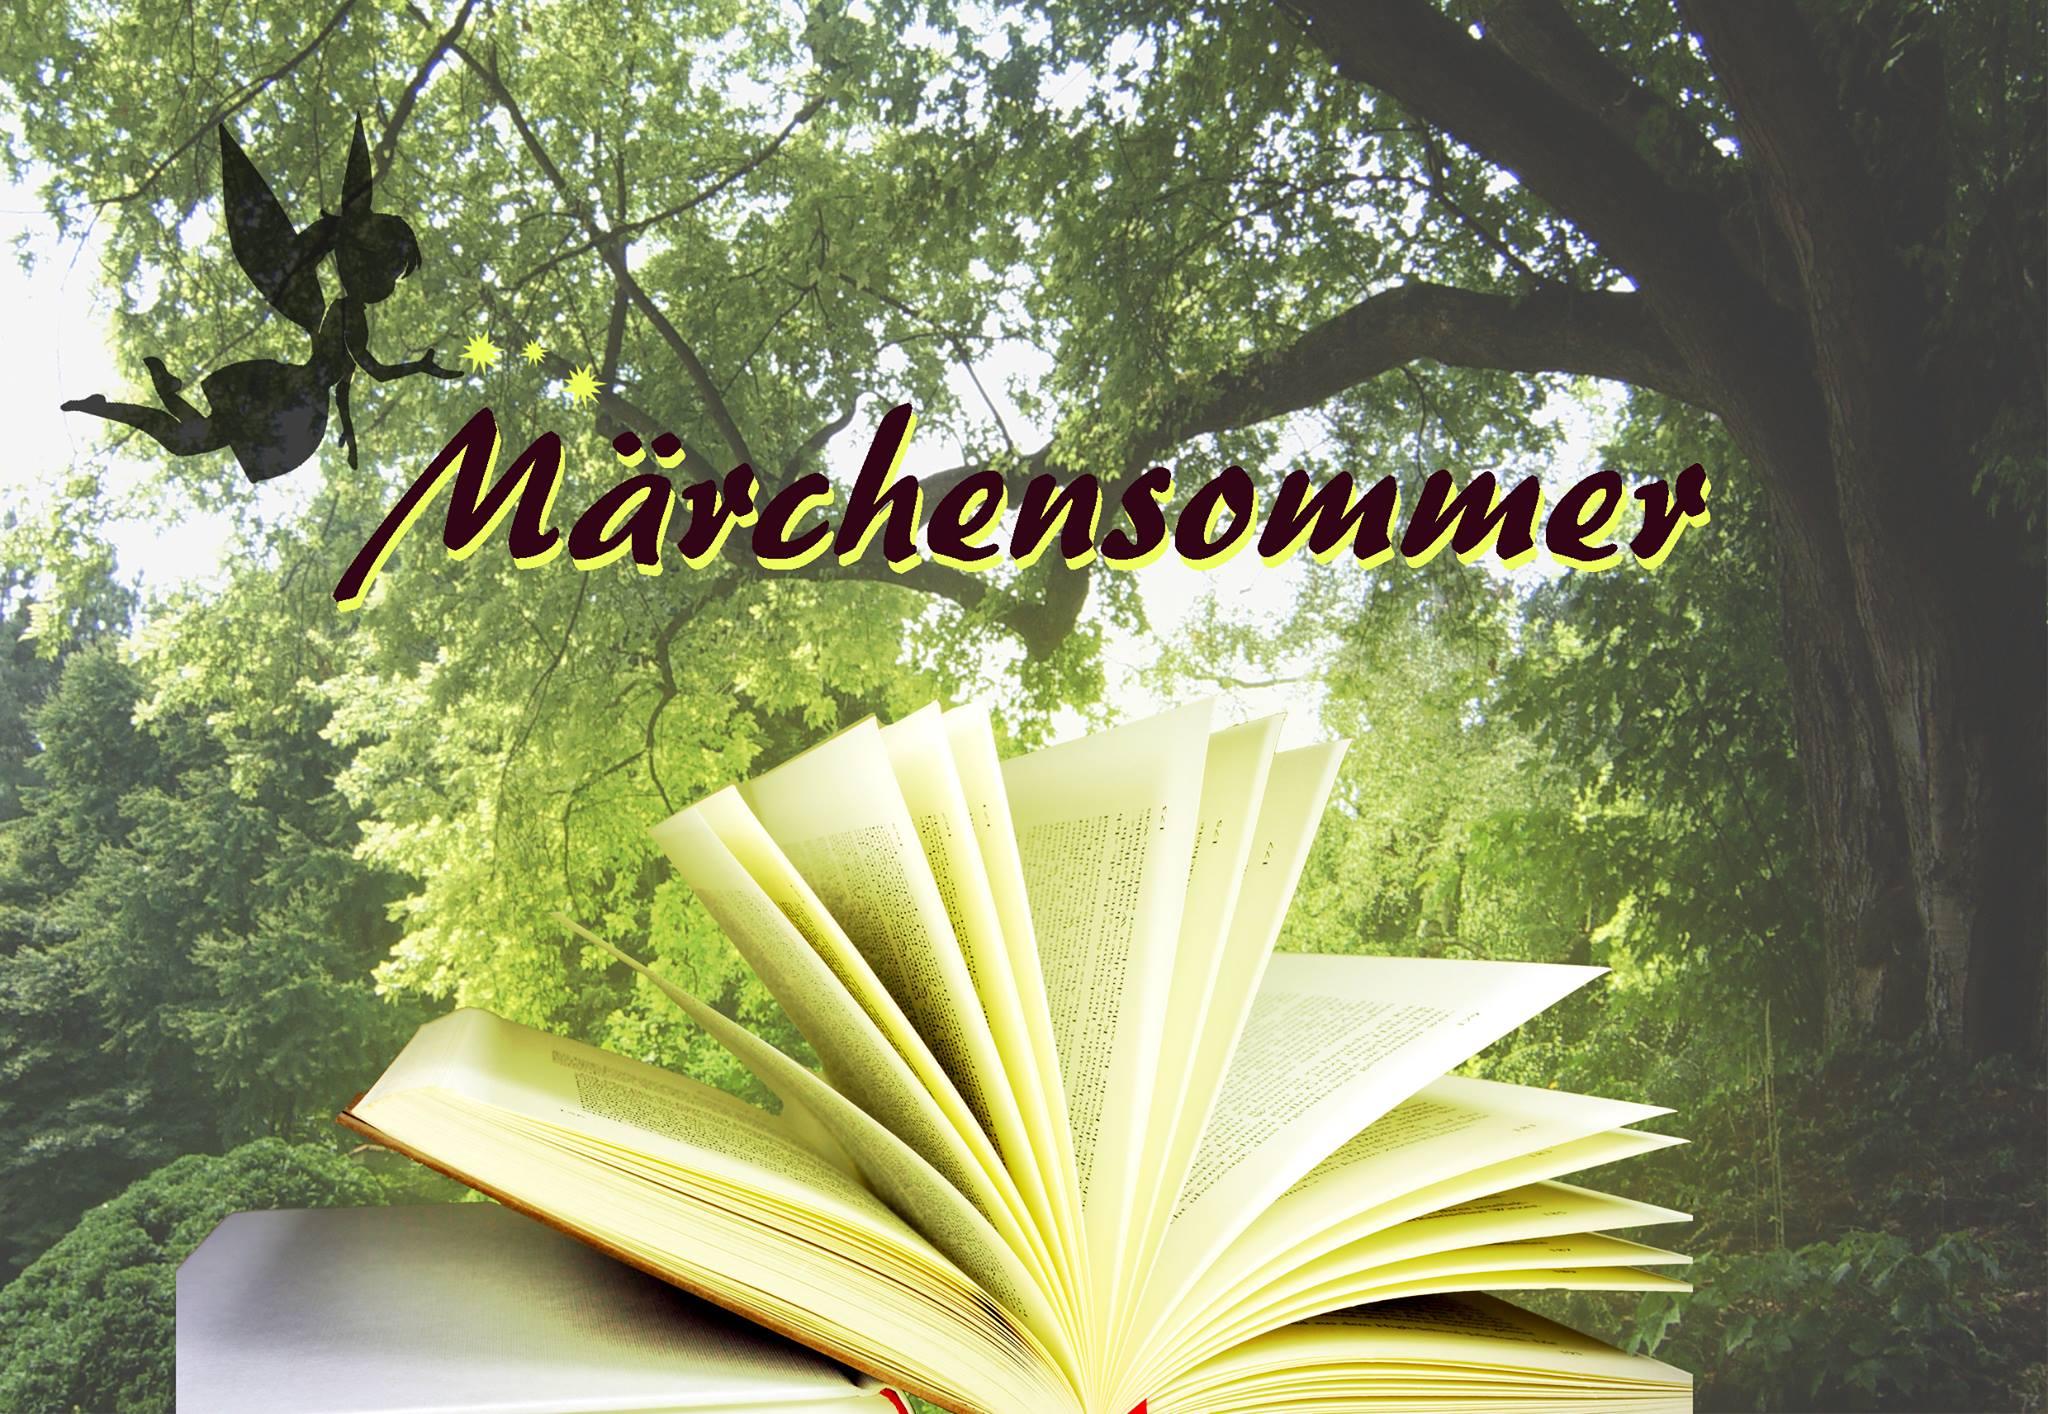 Das alte Märchensommer Logo mit Fee, die Glitzer auf den Märchensommer Schriftzug über einem aufgeschlagenen Buch streut. Im Hintergrund ein Wald.